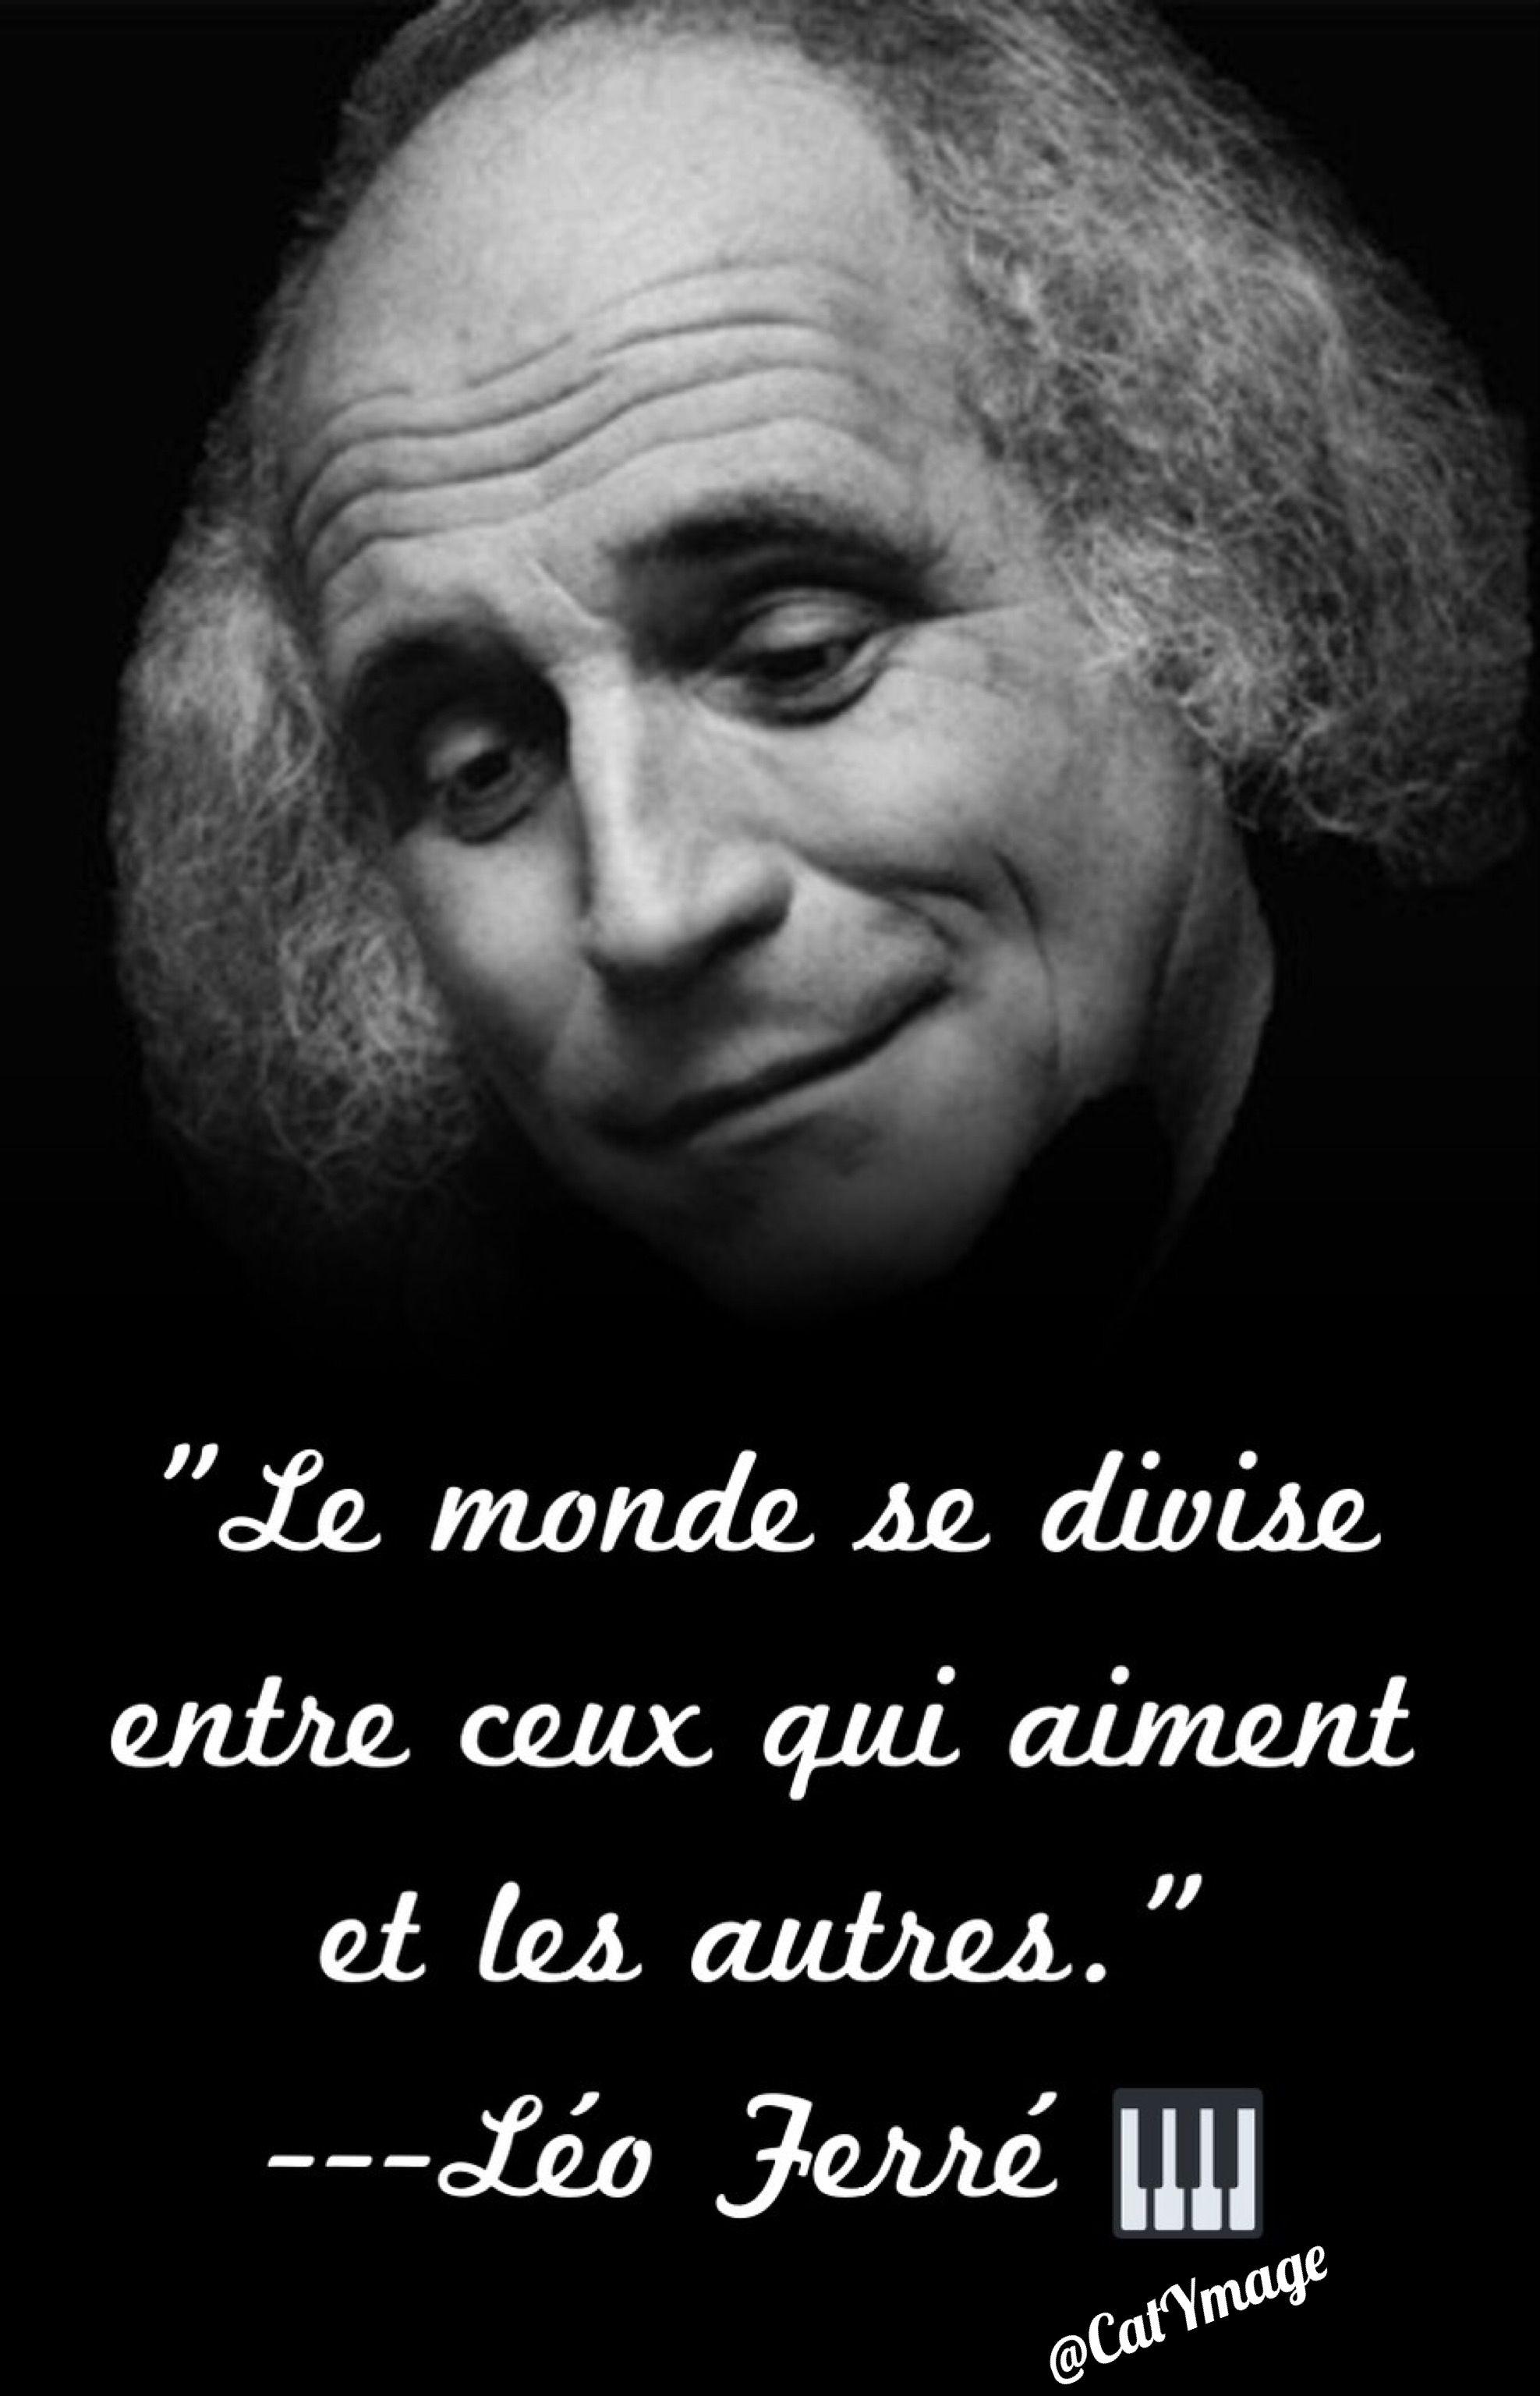 Pin em Paroles, Pensées...✨